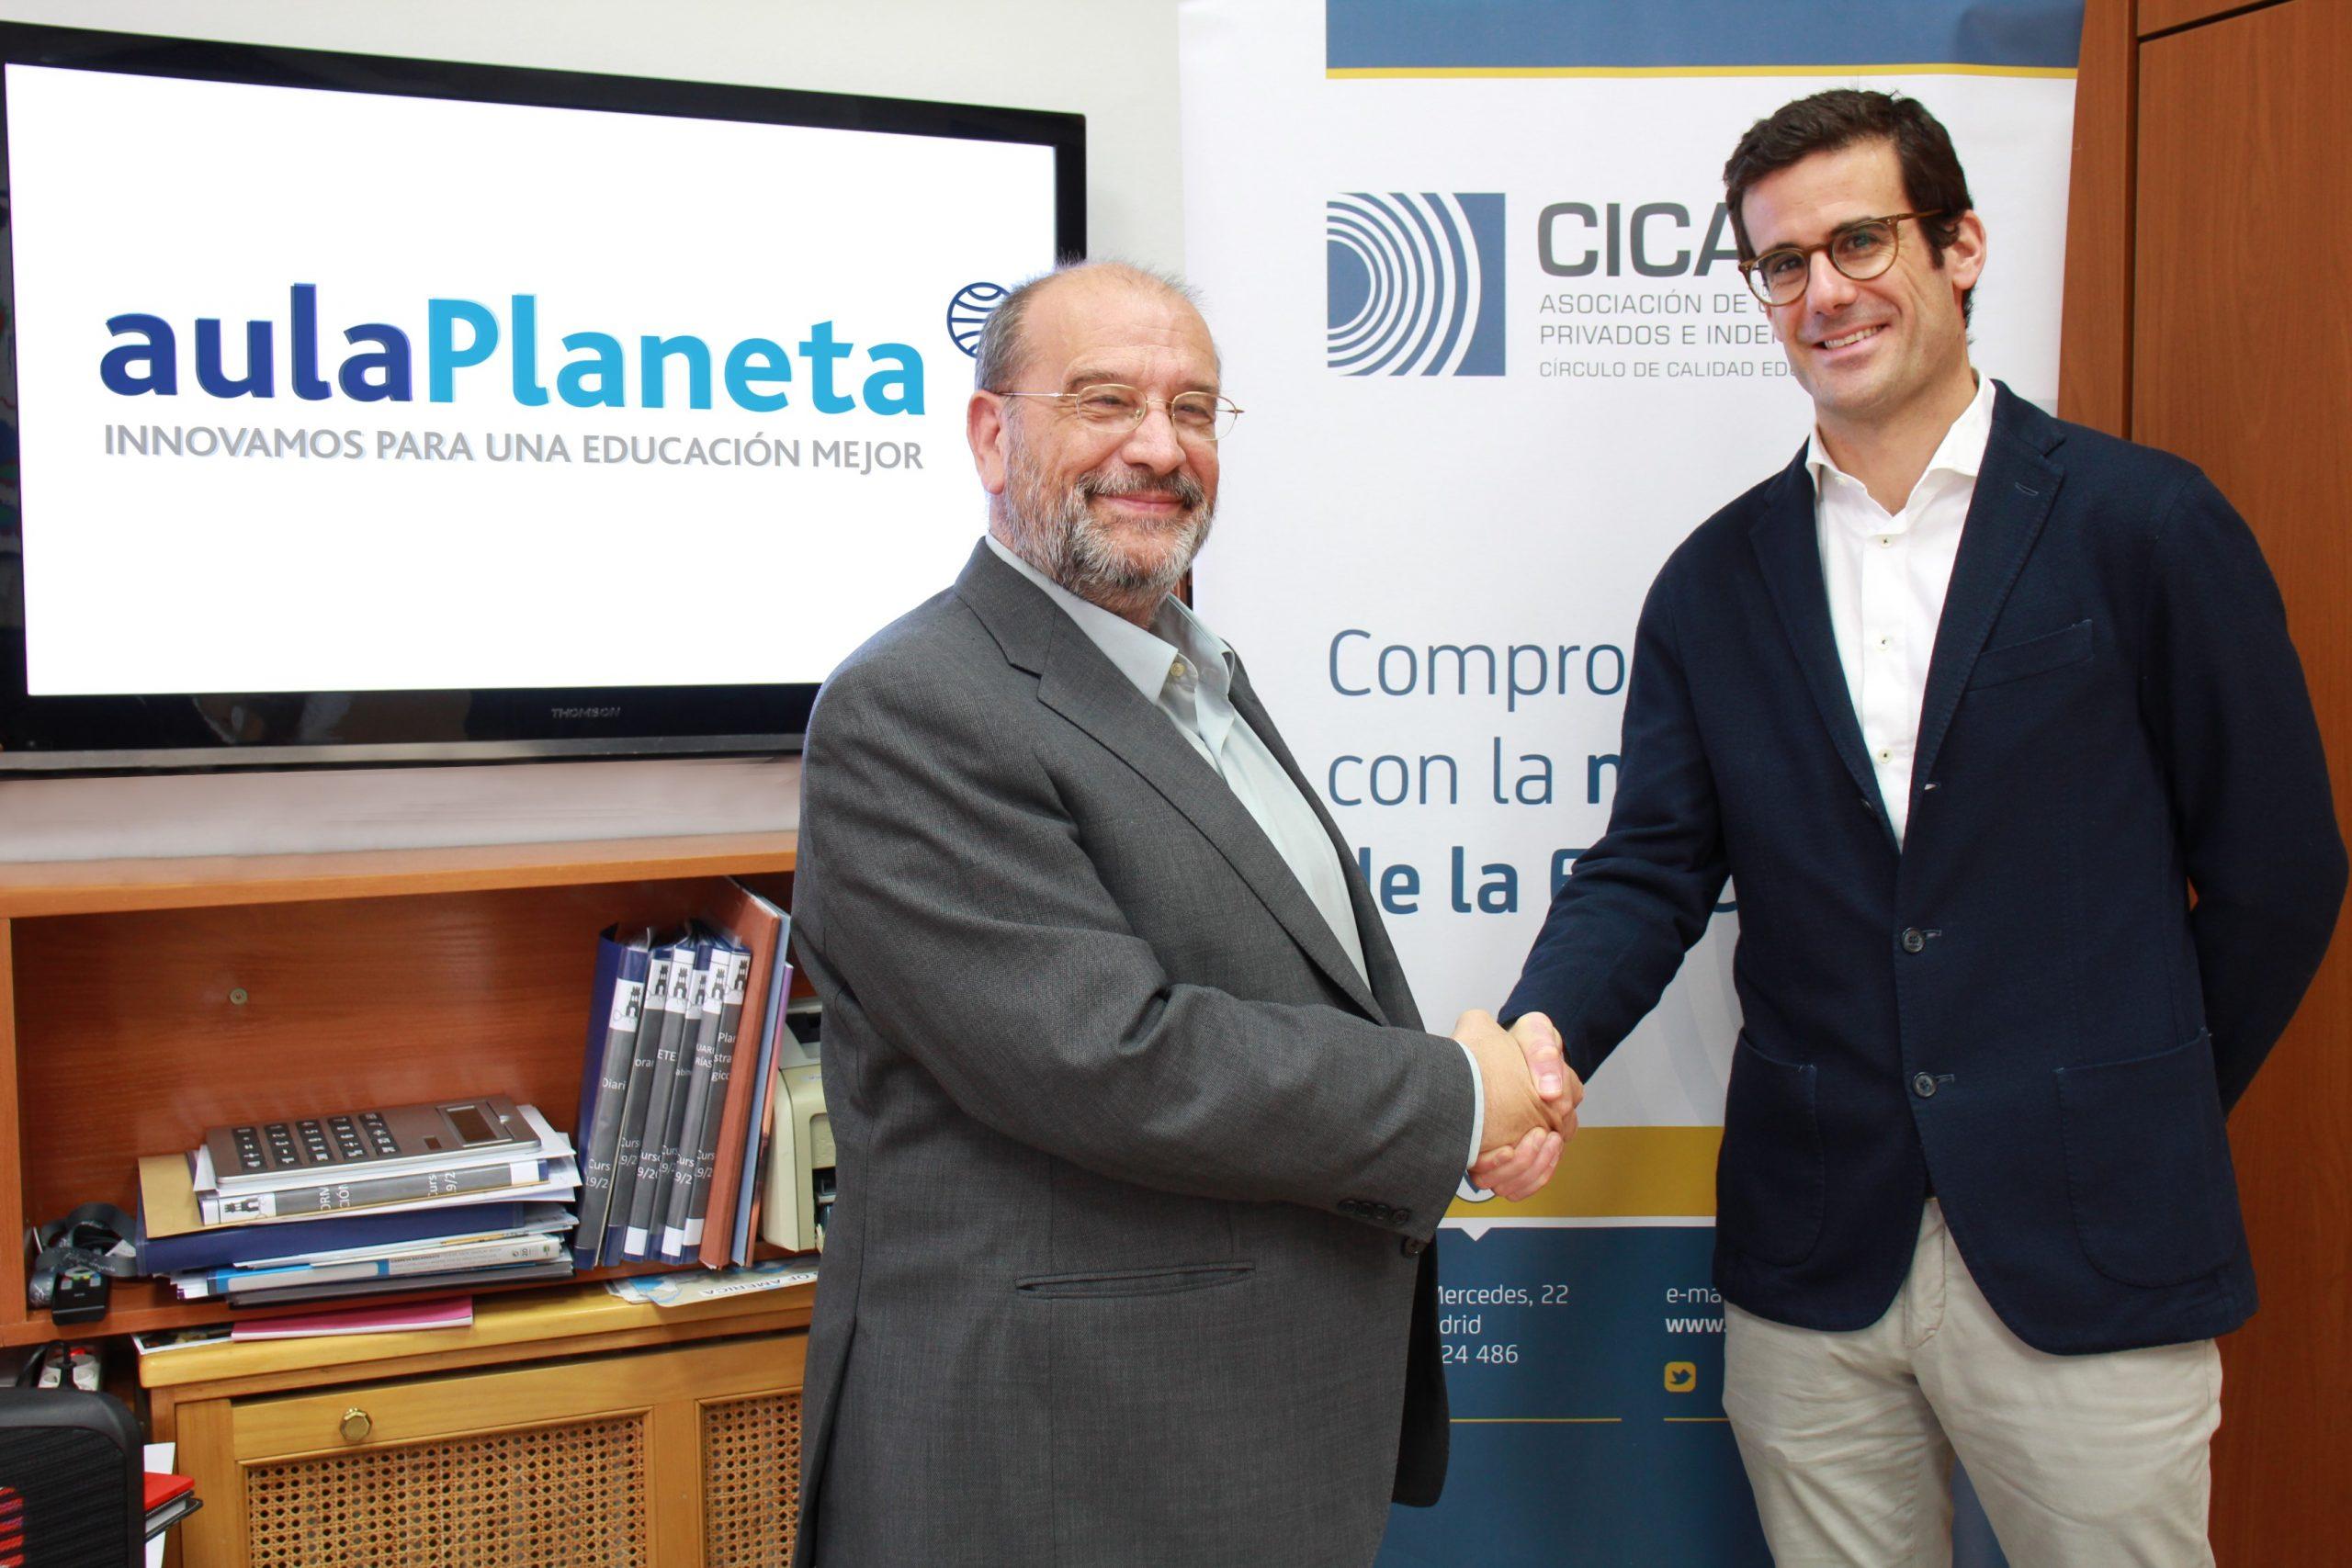 aulaPlaneta firma un acuerdo de colaboración con CICAE, la Asociación de Colegios Privados e Independientes